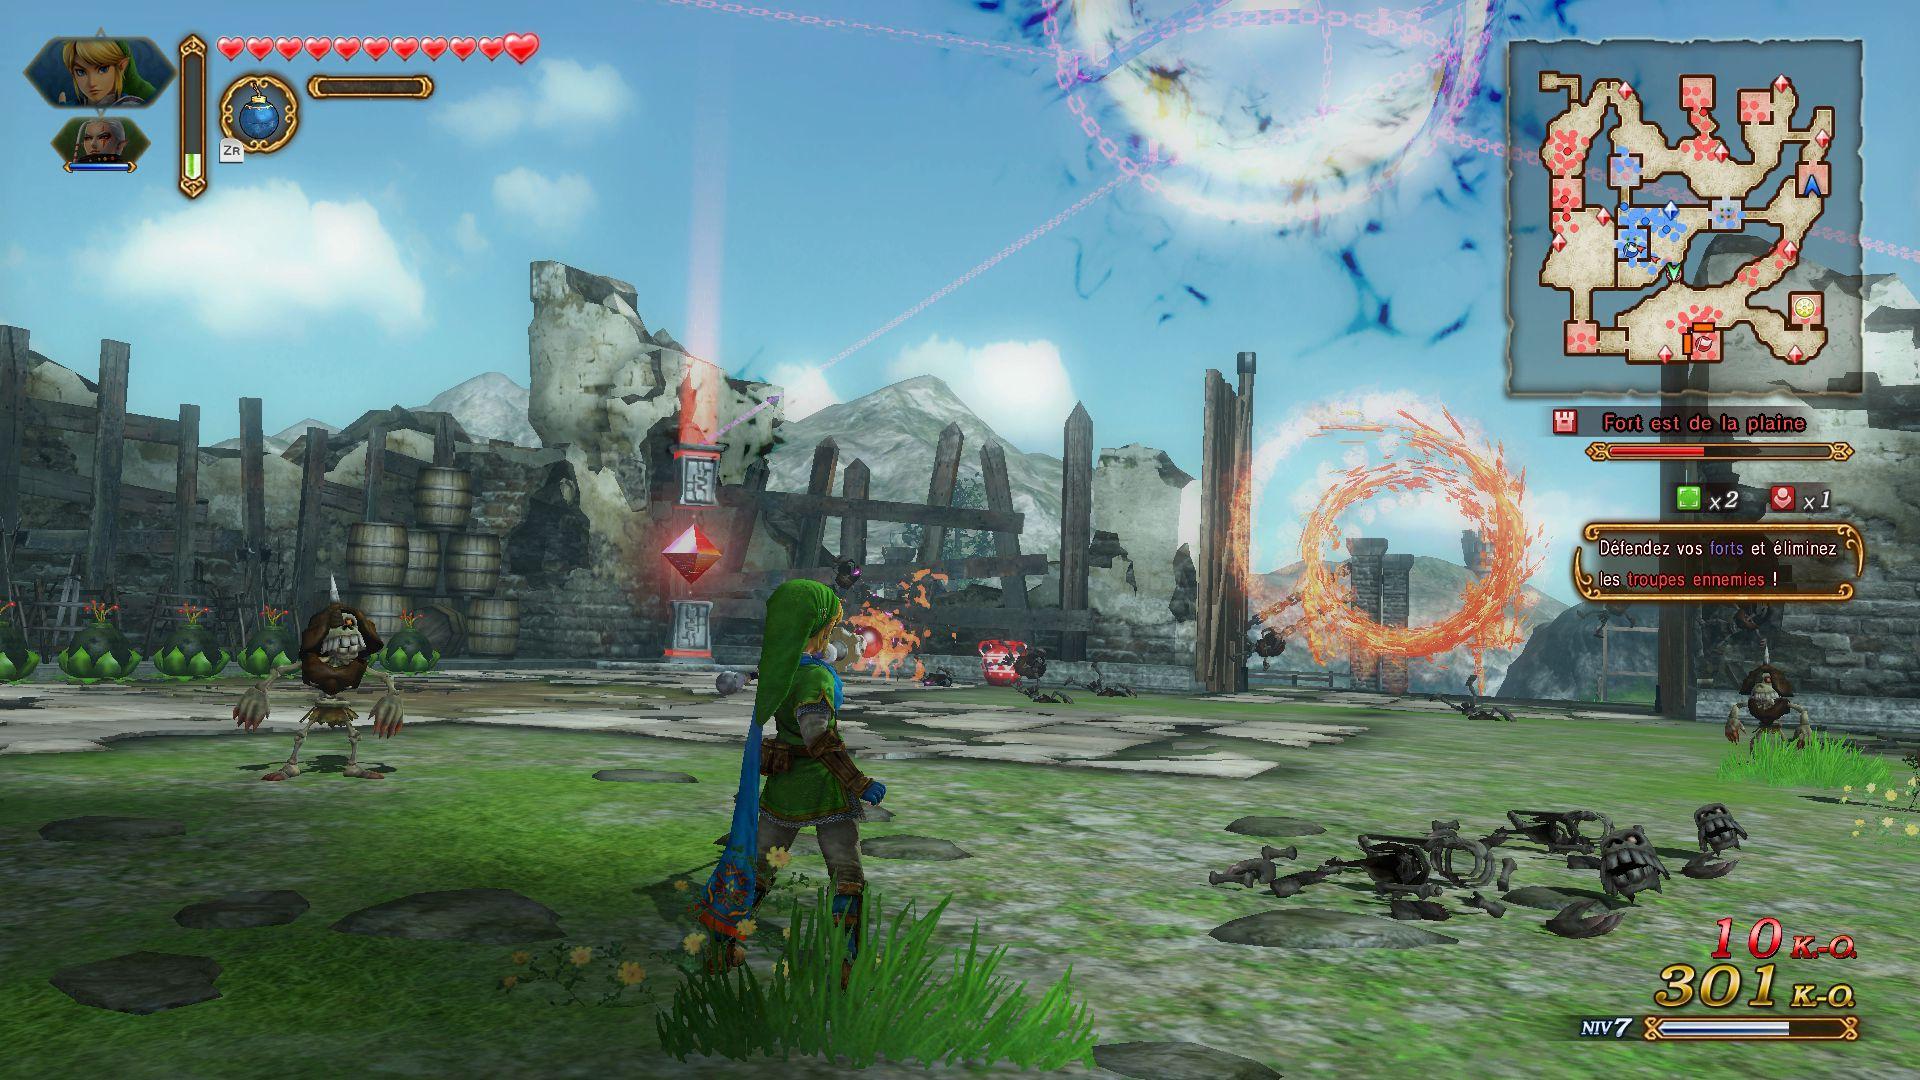 http://image.jeuxvideo.com/medias/152649/1526486299-8153-capture-d-ecran.jpg